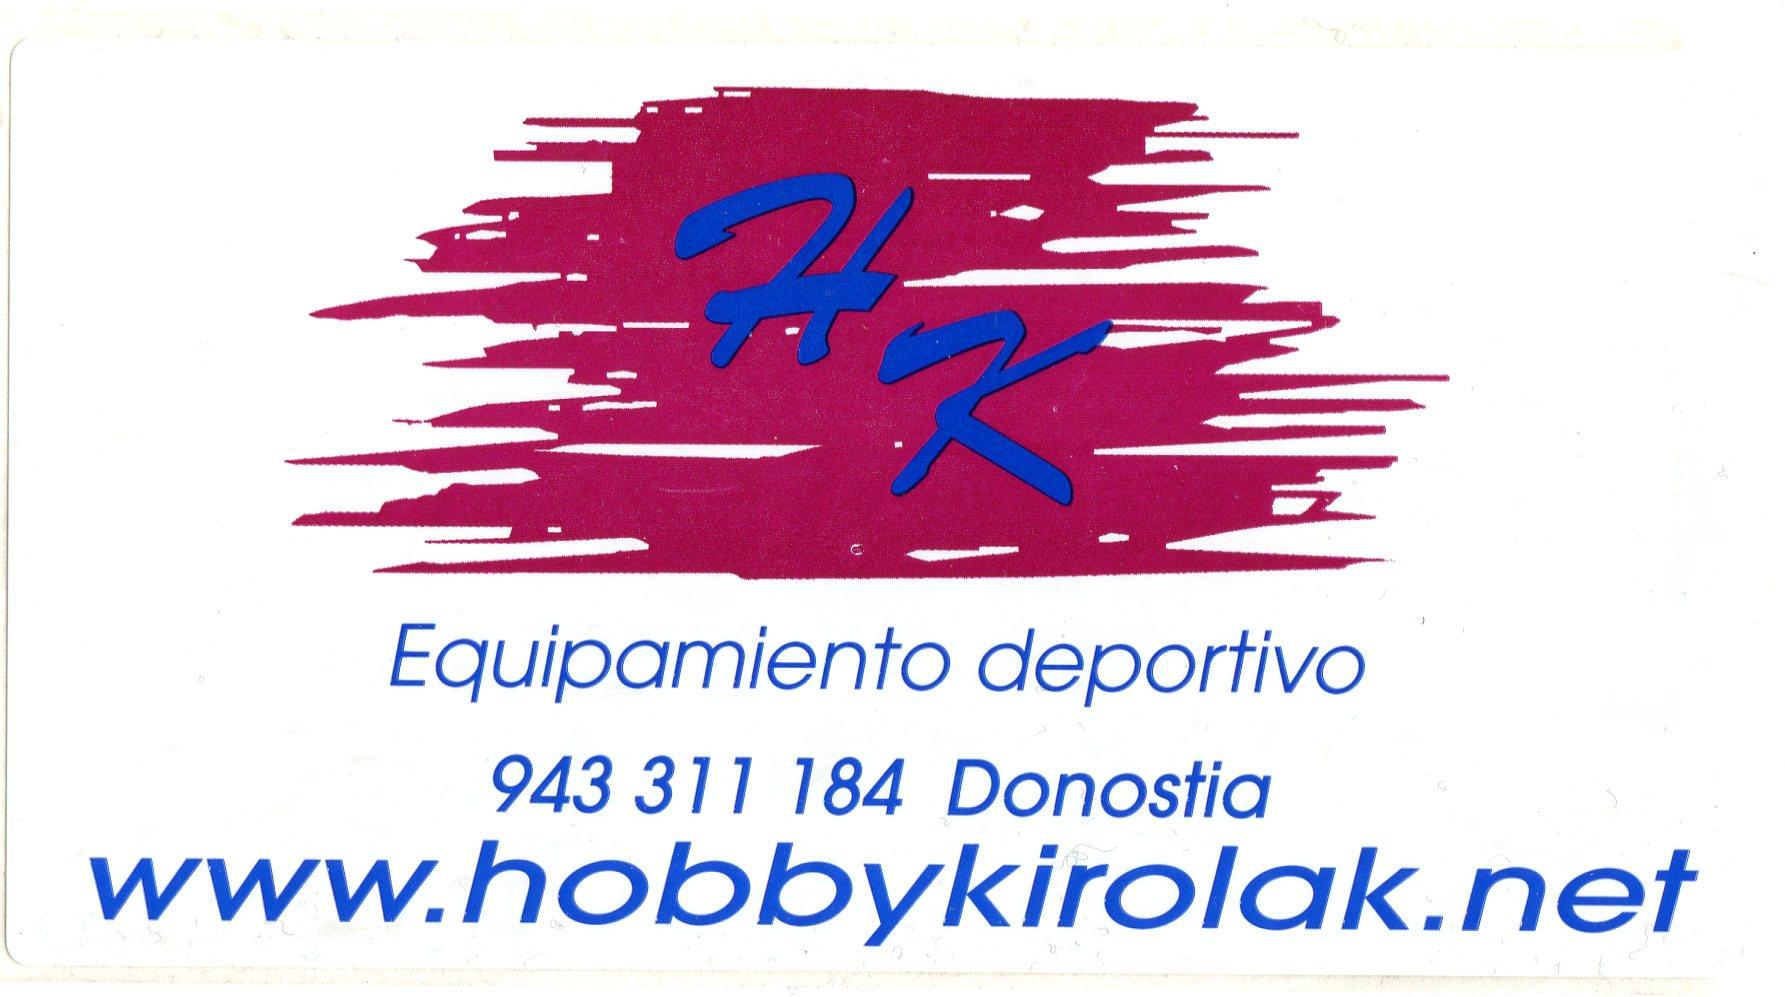 Hobby Kirolak